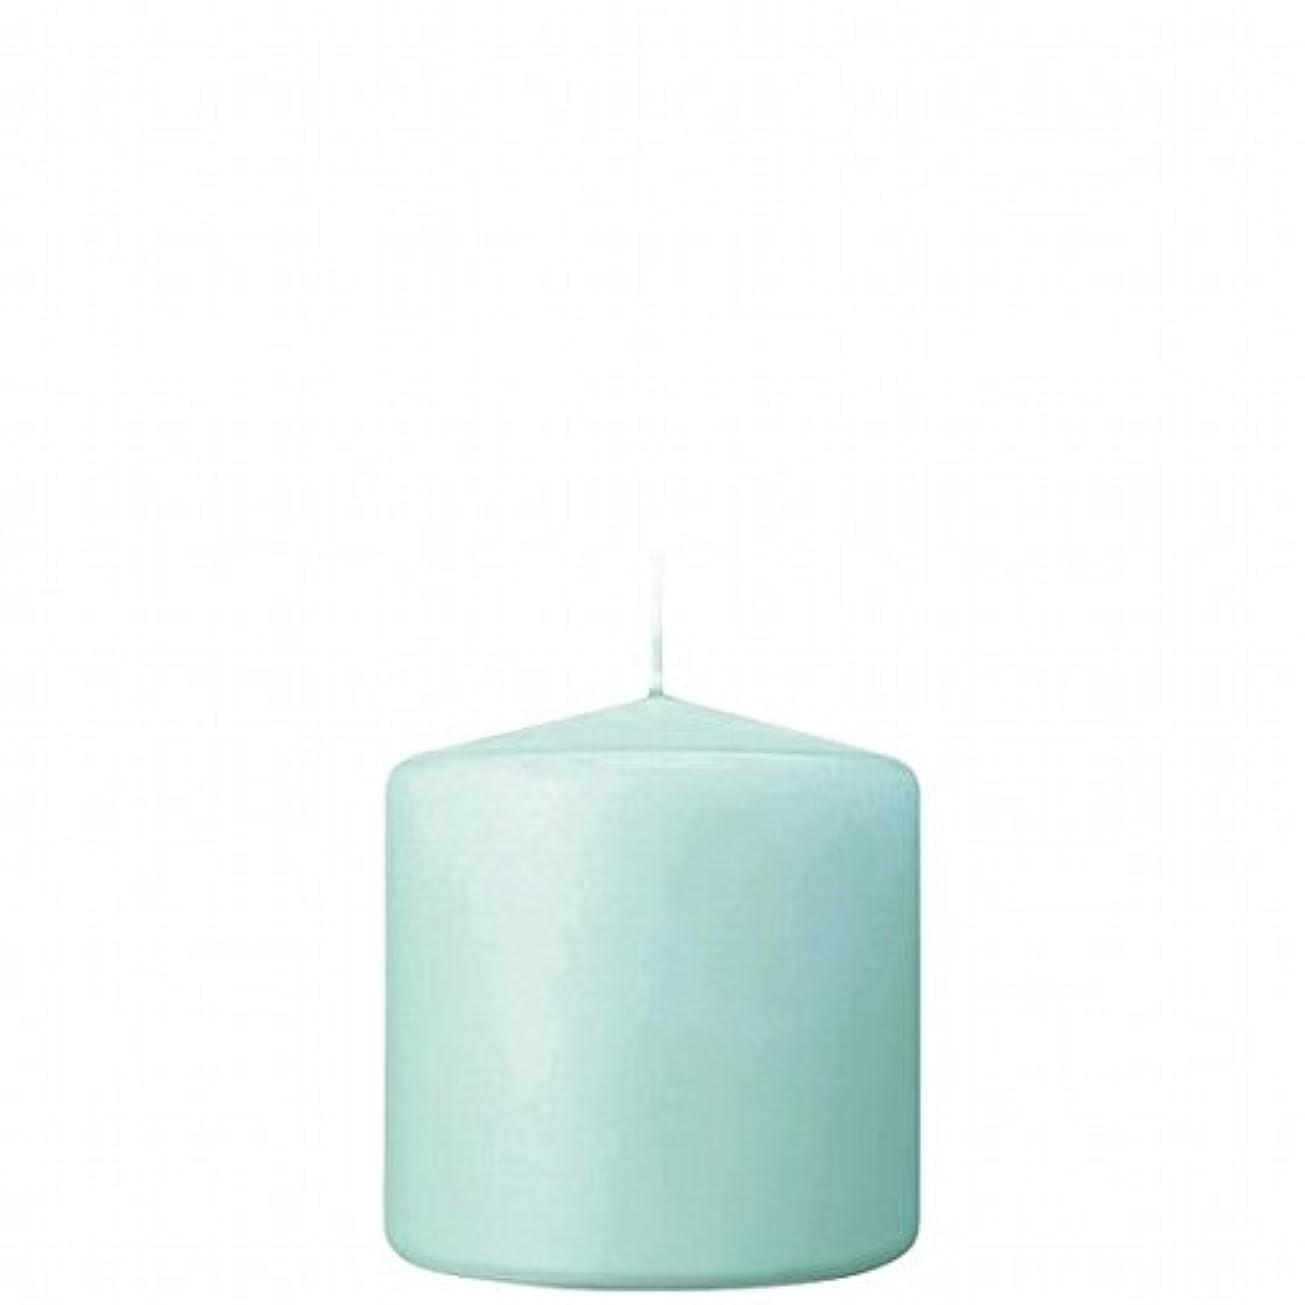 隣人漁師指定kameyama candle(カメヤマキャンドル) 3×3ベルトップピラーキャンドル 「 ライトブルー 」(A9730000LB)